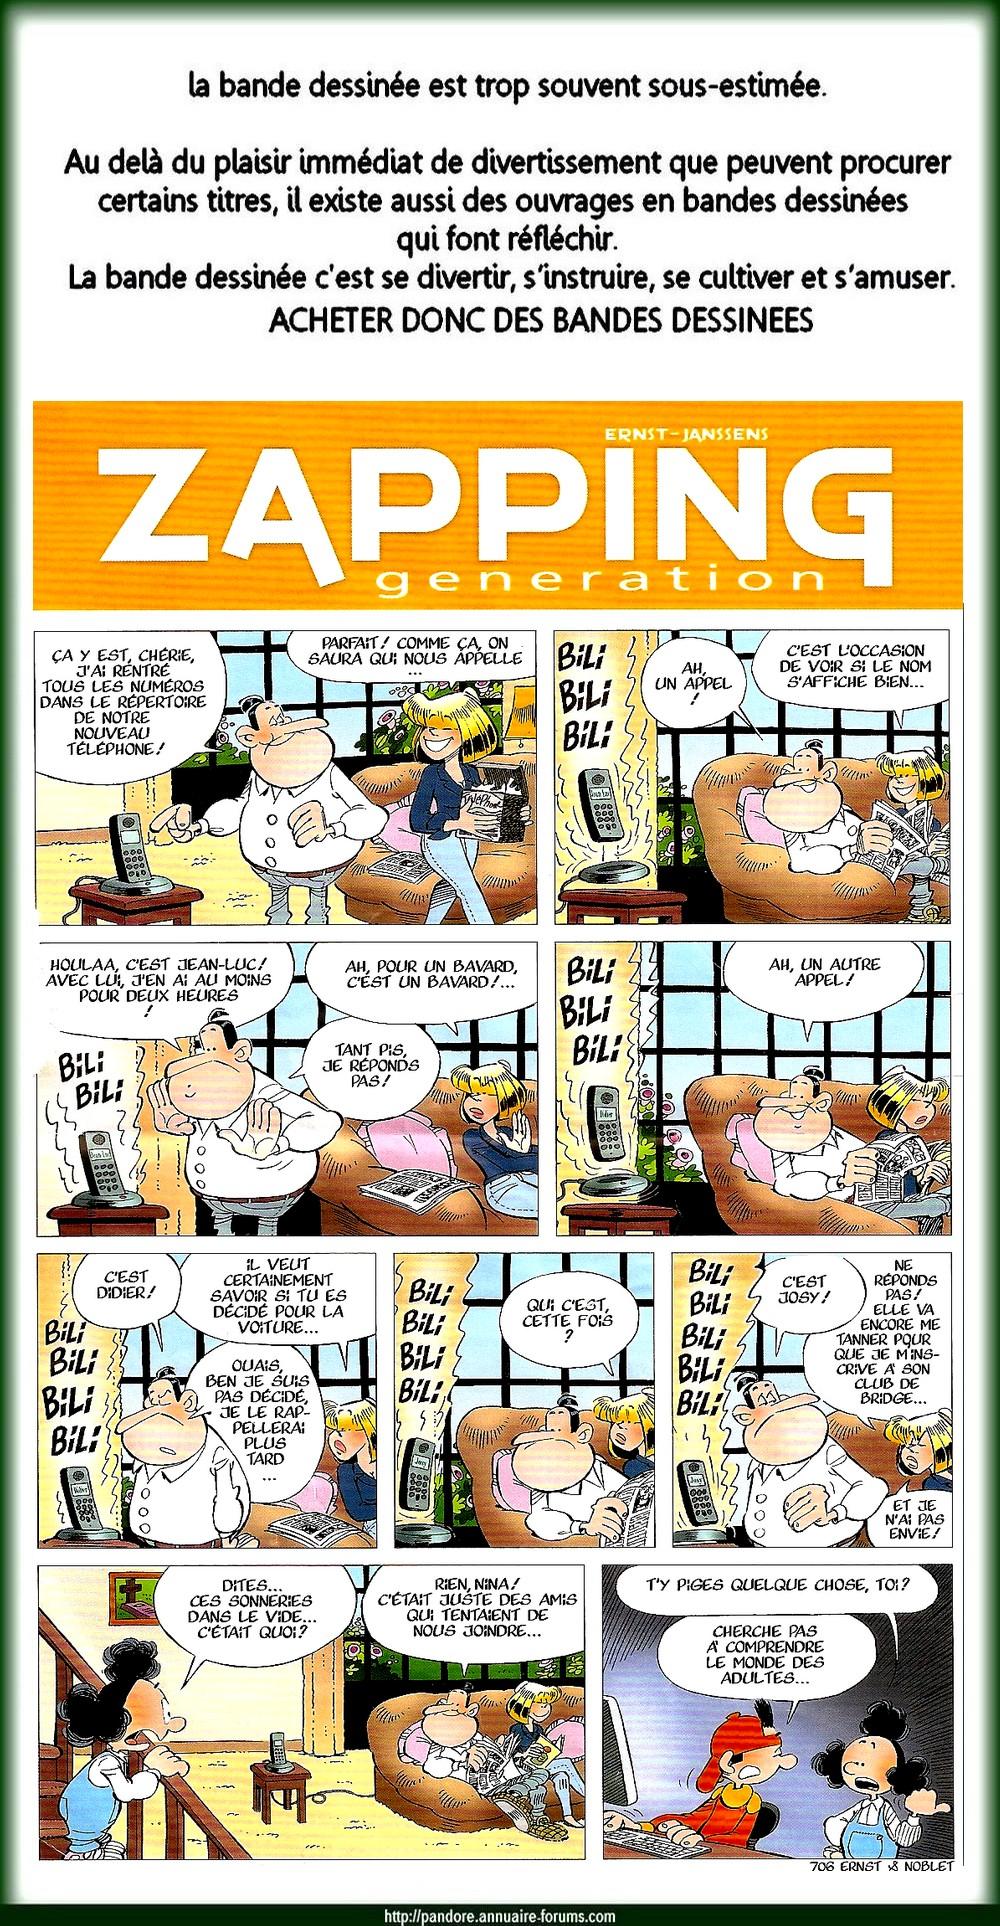 bande dessinée - zapping 13021405155616073410866761